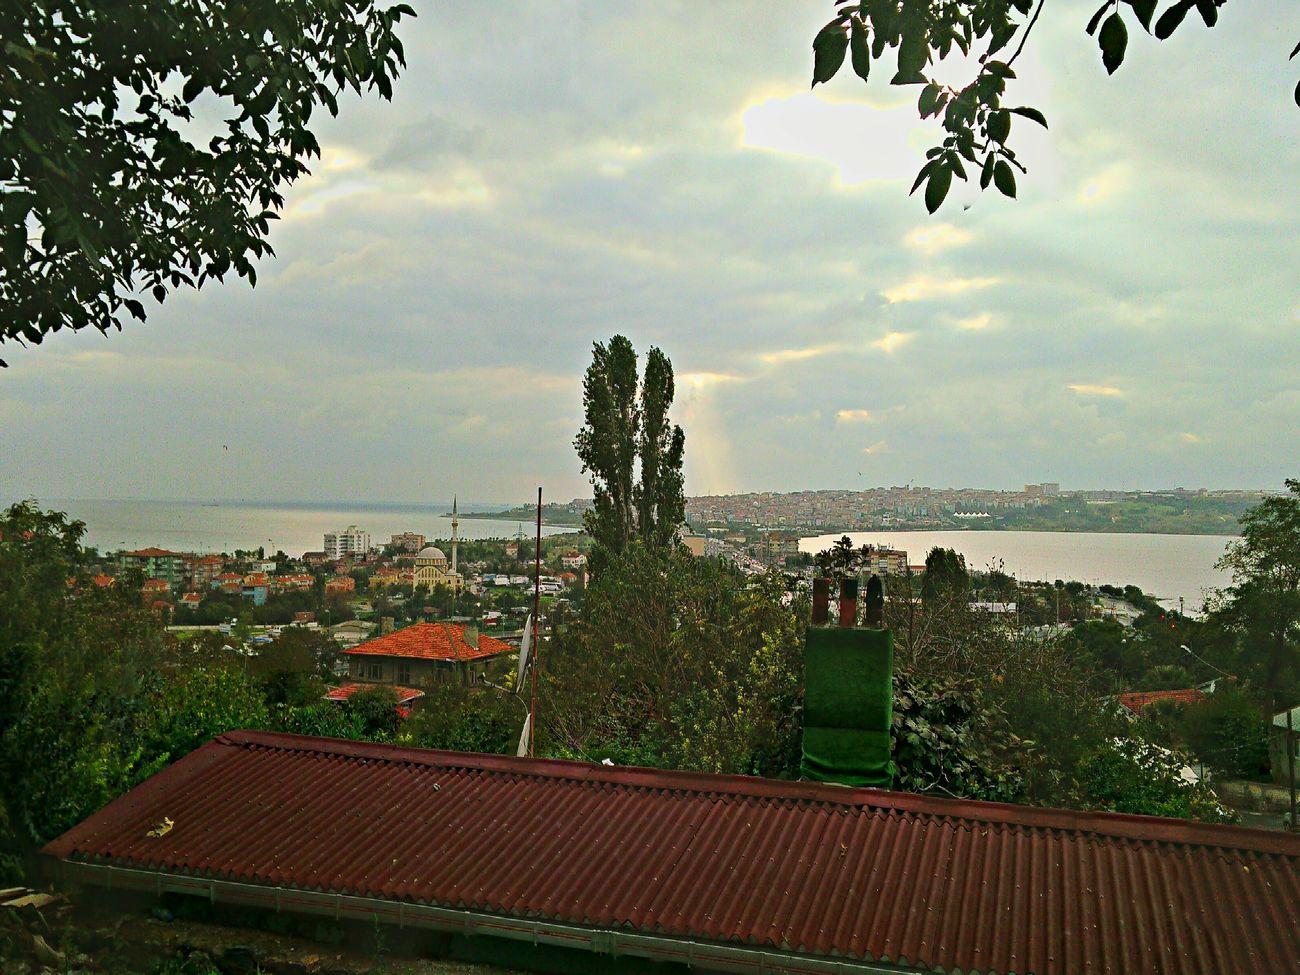 Küçükçekmece Küçükçekmece Gölü Marmarasea Göl Deniz Günbatımı Landscape View Shot Sun Istanbul City Turkey